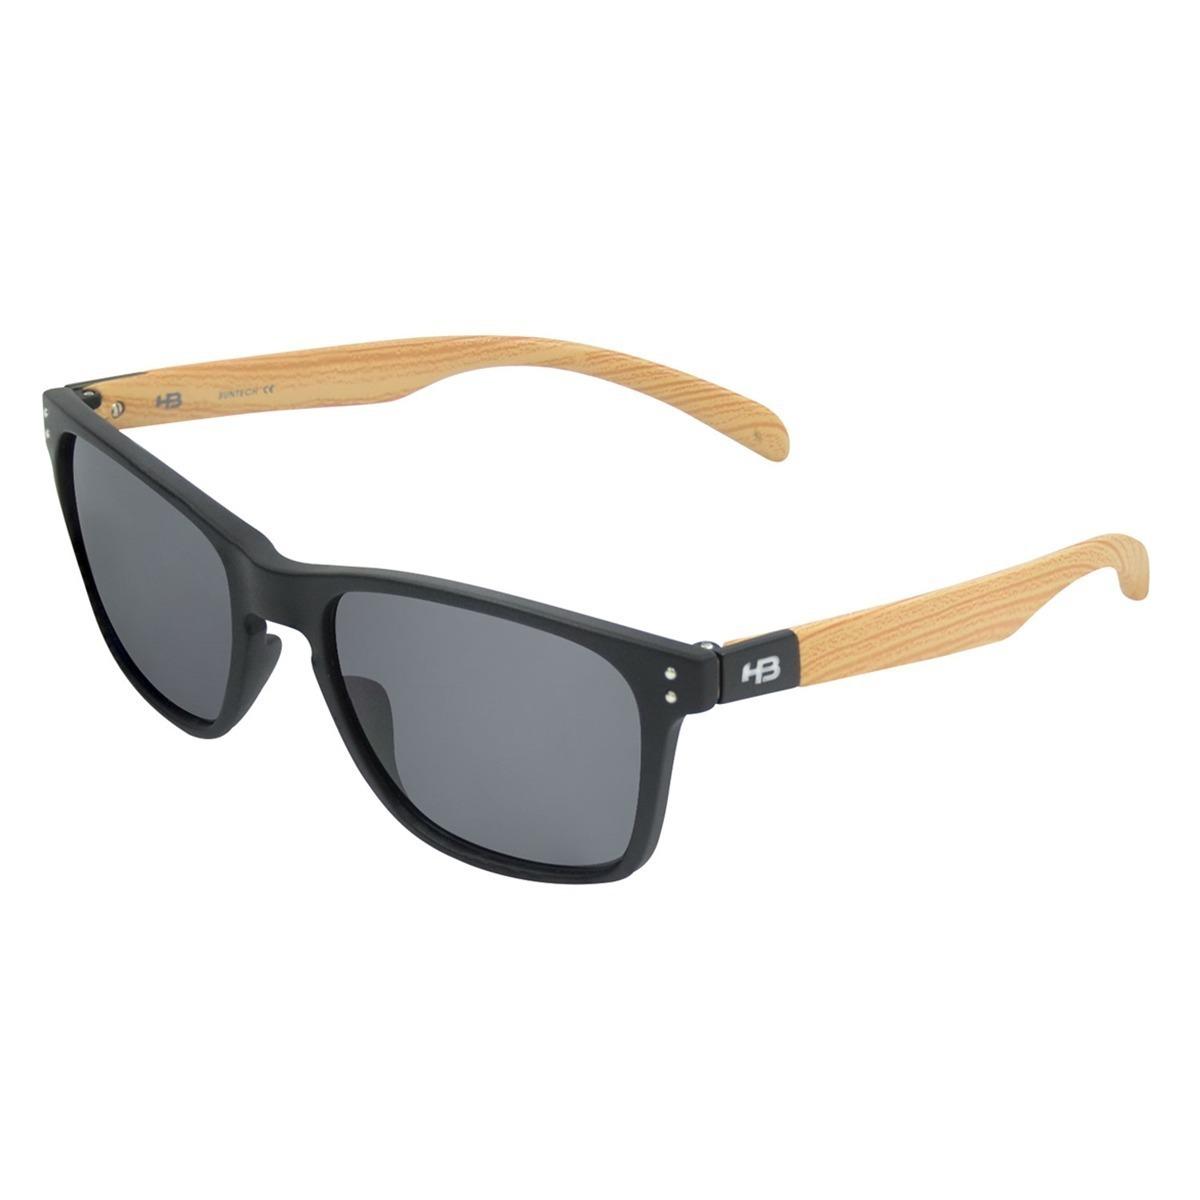 464c6fd3d9288 oculos sol masculino hb gipps 2.0 fosco madeira original. Carregando zoom.